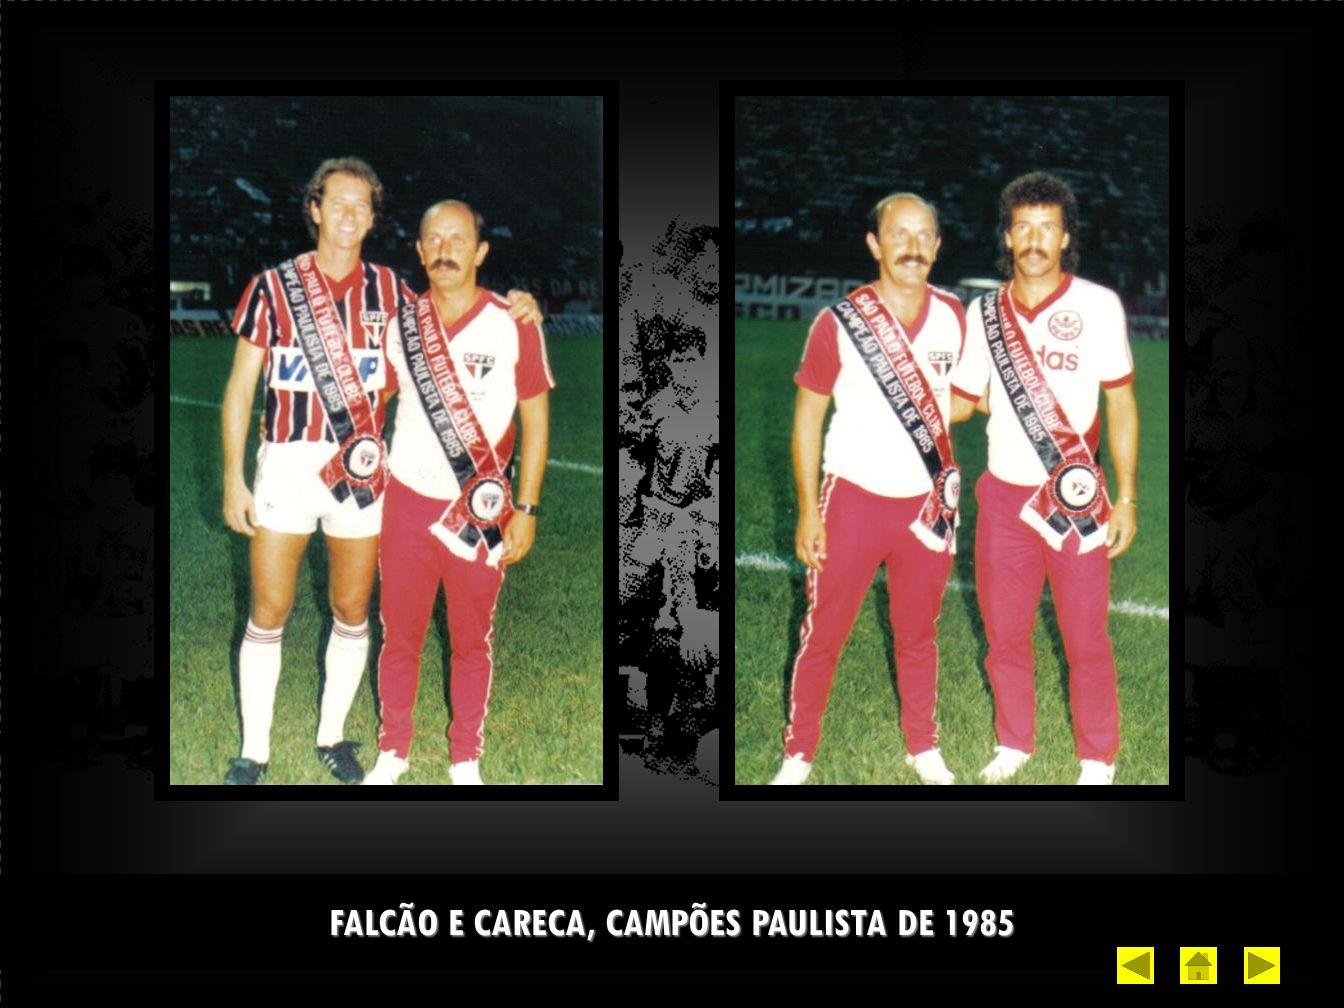 FALCÃO E CARECA, CAMPÕES PAULISTA DE 1985